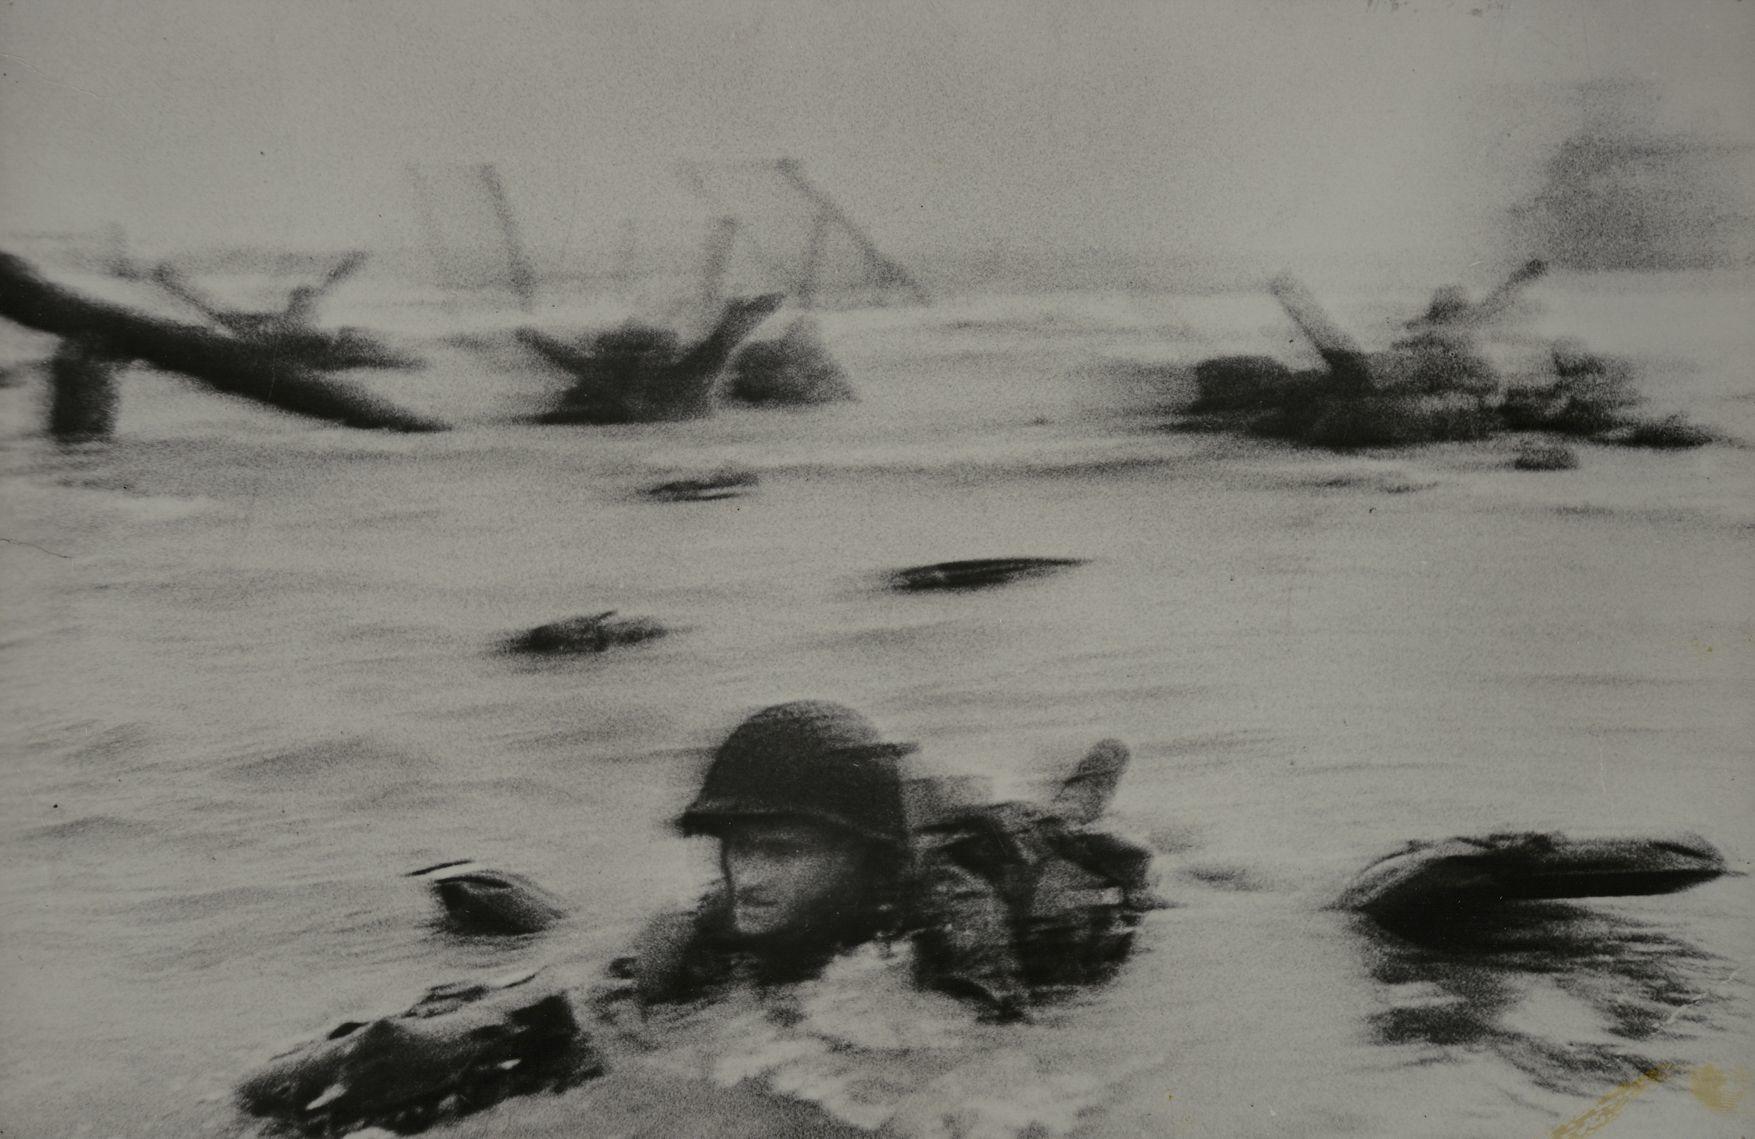 ロバート・キャパ(ハンガリー、アメリカ、1913-1954) 《連合軍による北フランス攻撃開始日(Dディ)、フランス、オマハ・ビーチ、1944年6月6日》1944年 (C)Robert Capa/ICP/Magnum Photos